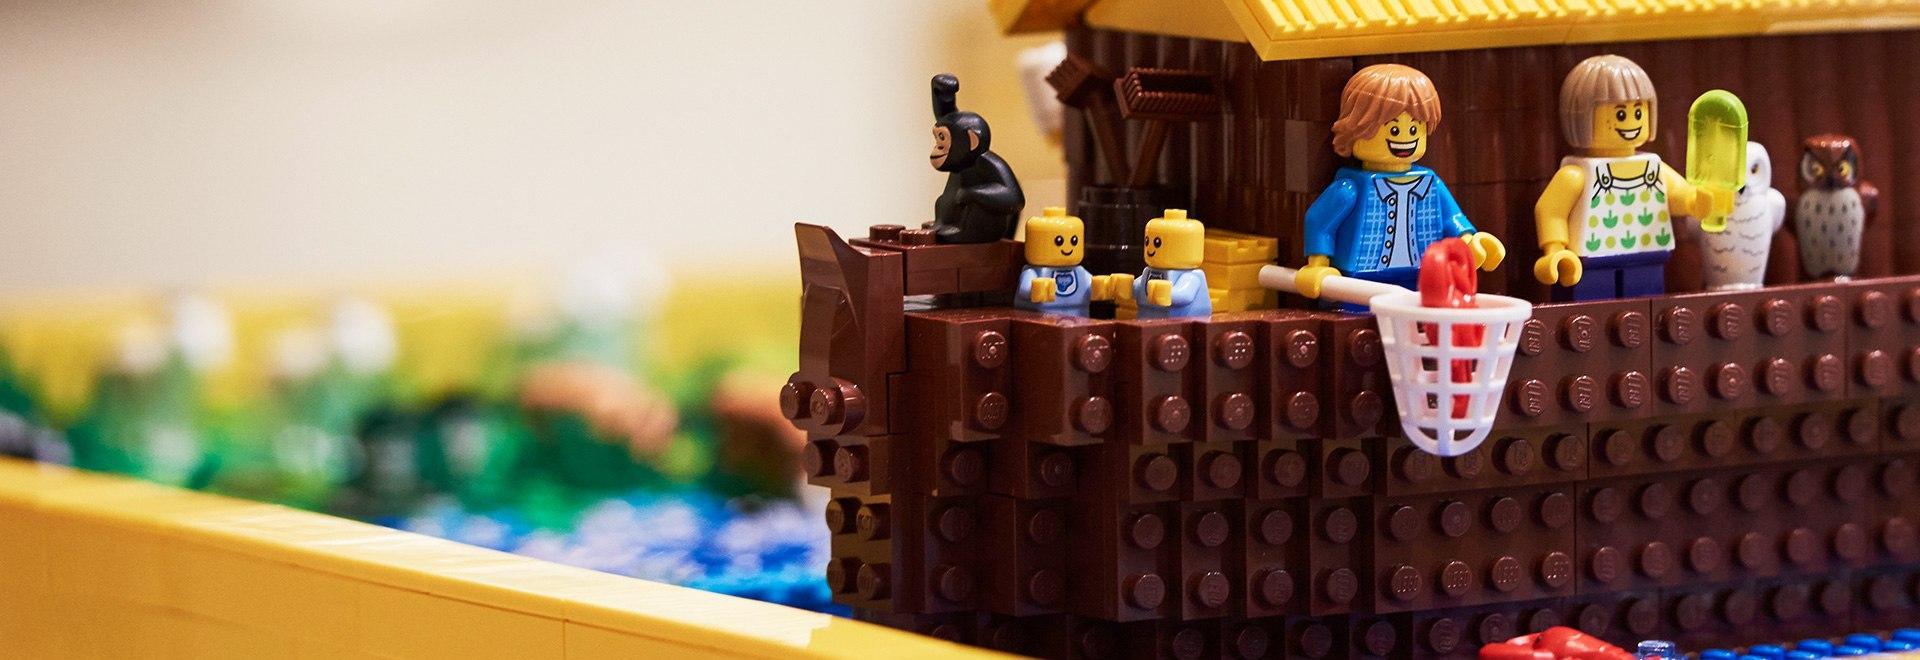 Lego...buffet!